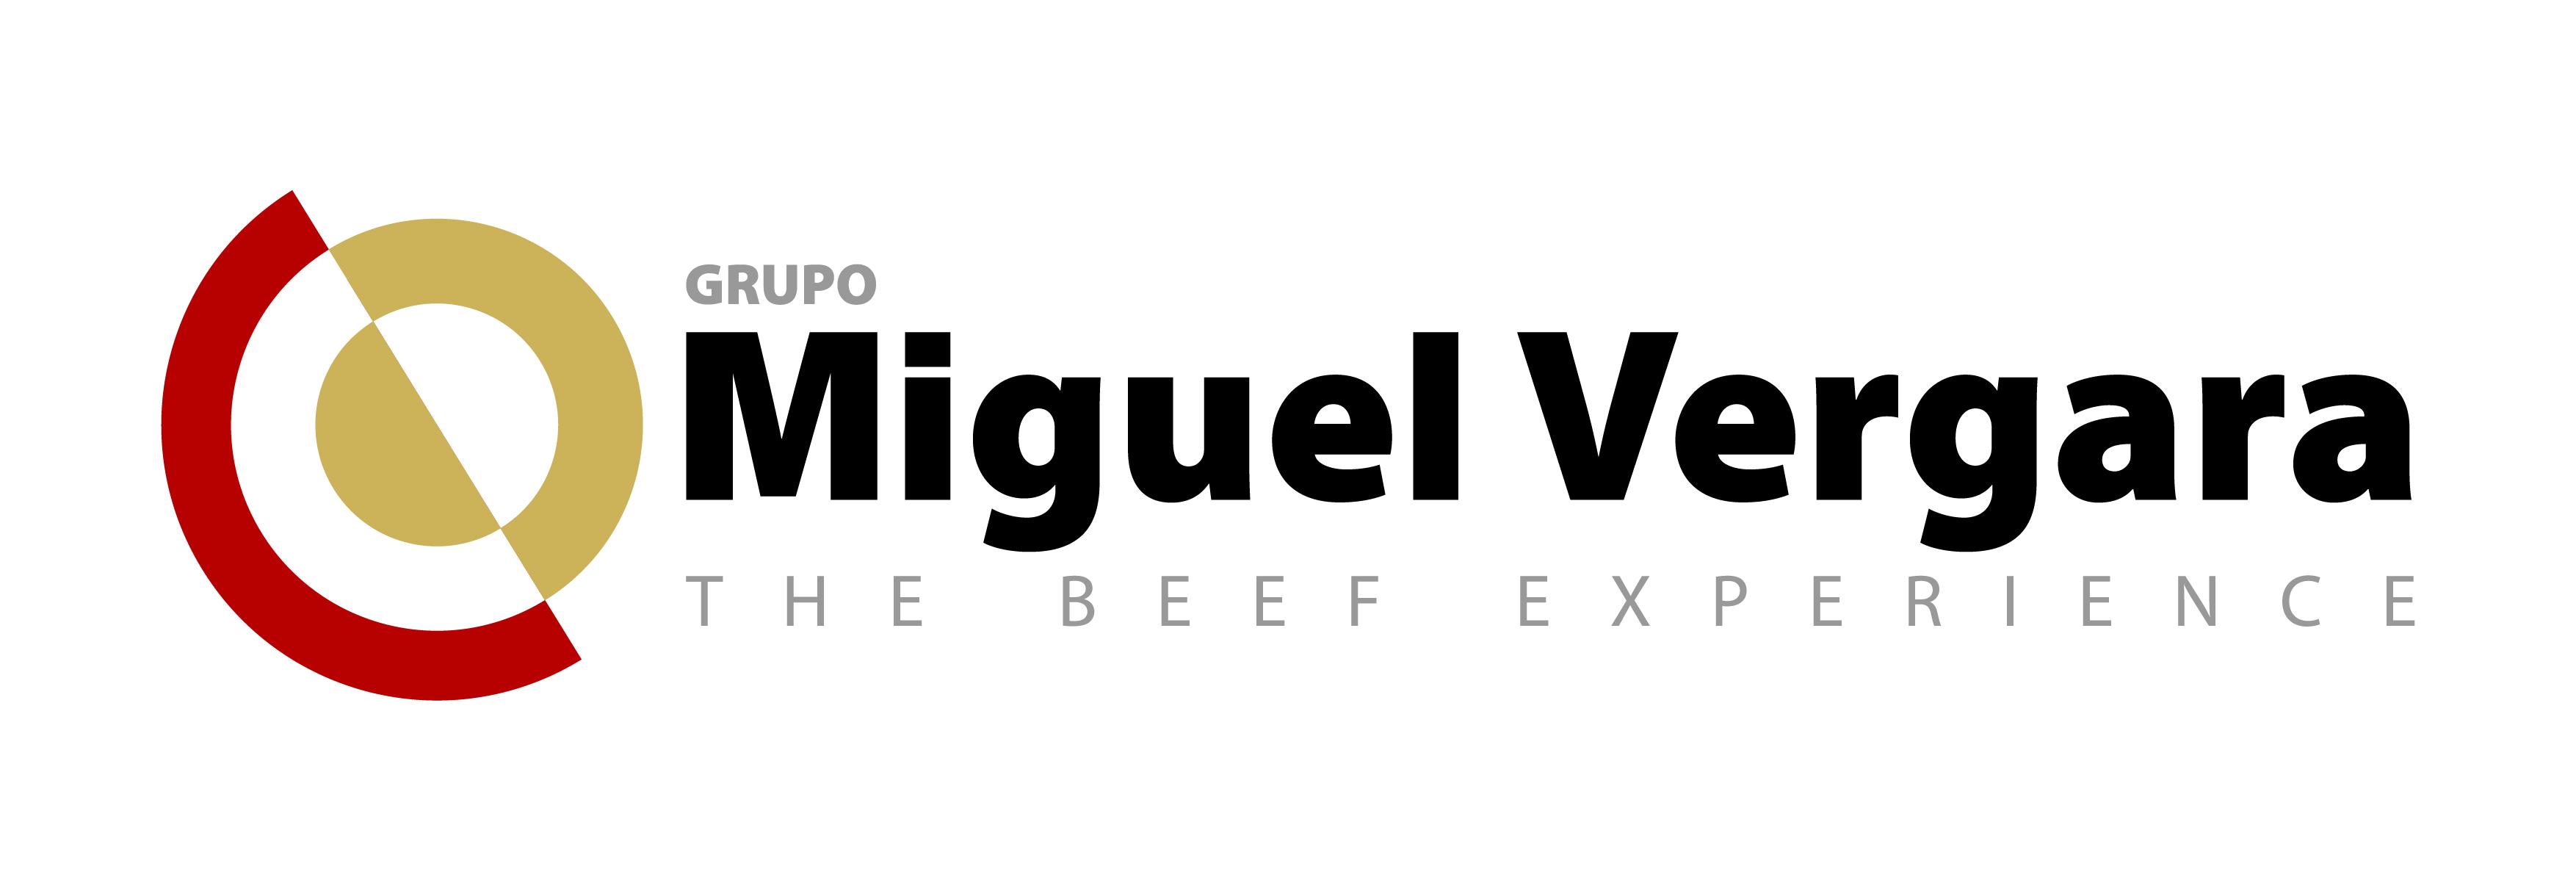 GRUPO-MIGUEL-VERGARA-logo-positivo - Cámara Valladolid